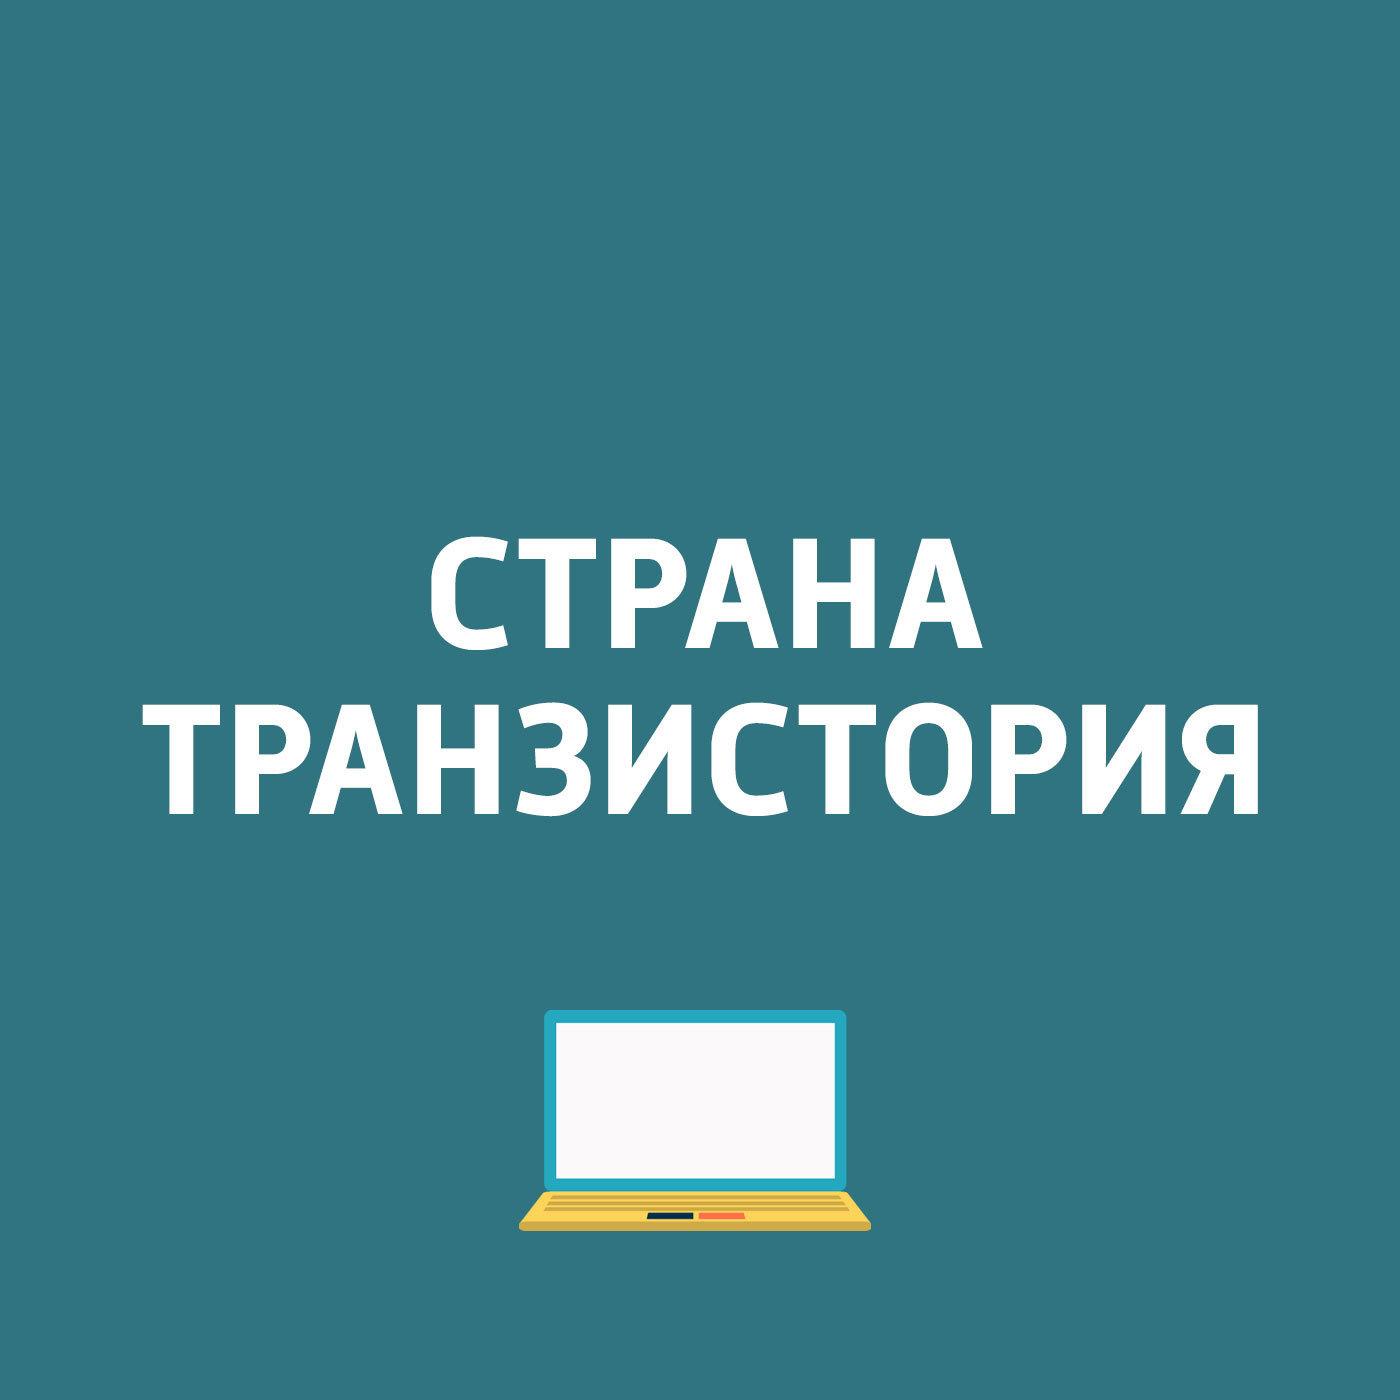 Картаев Павел Блокировка контента, запросы в Яндексе, новый iPhone